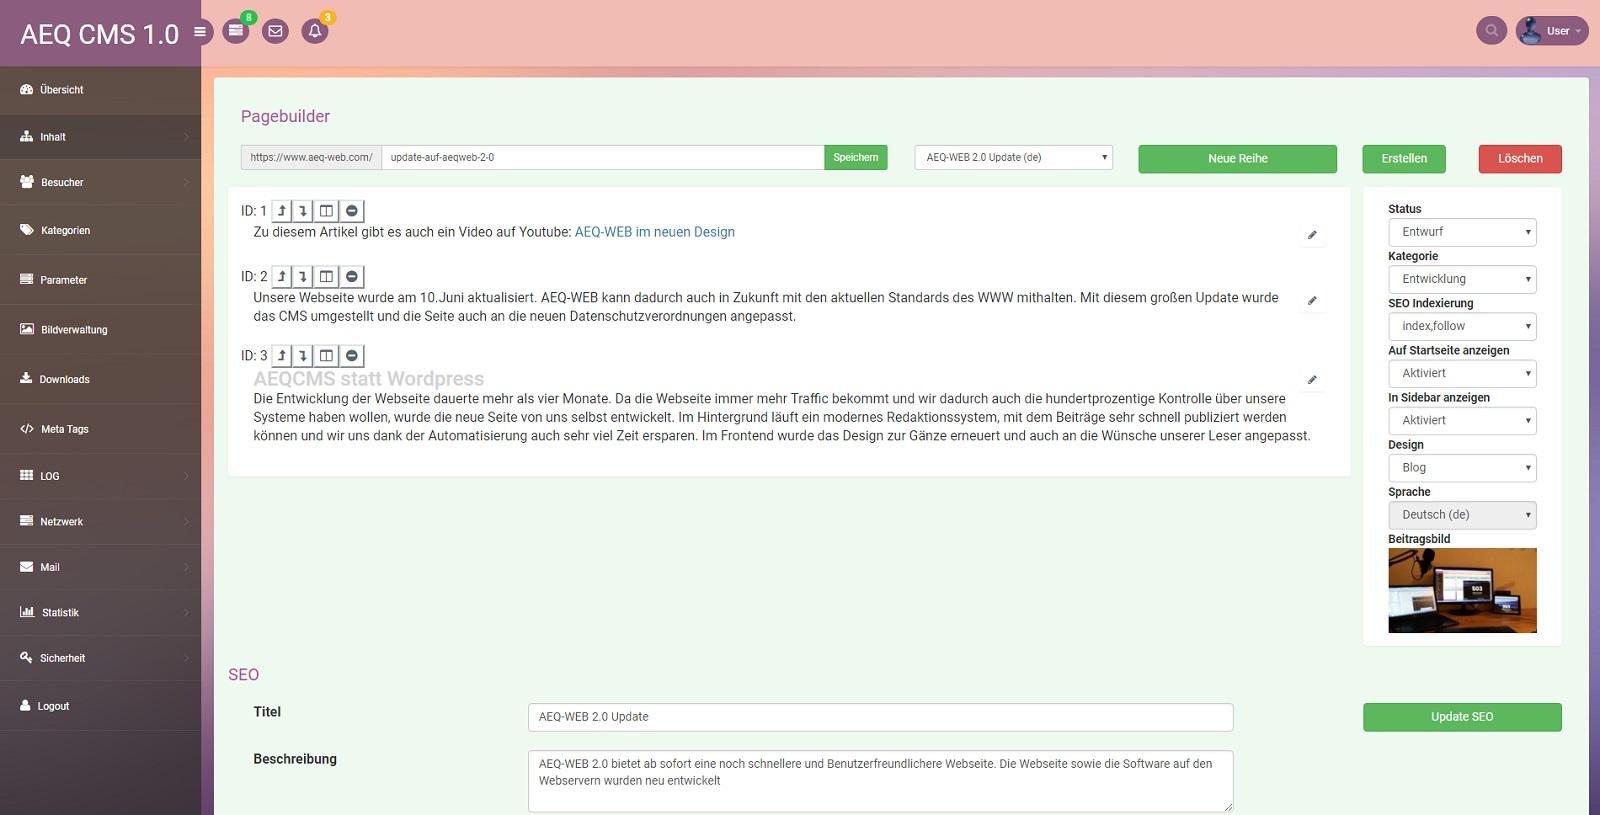 AEQ-WEB Backend